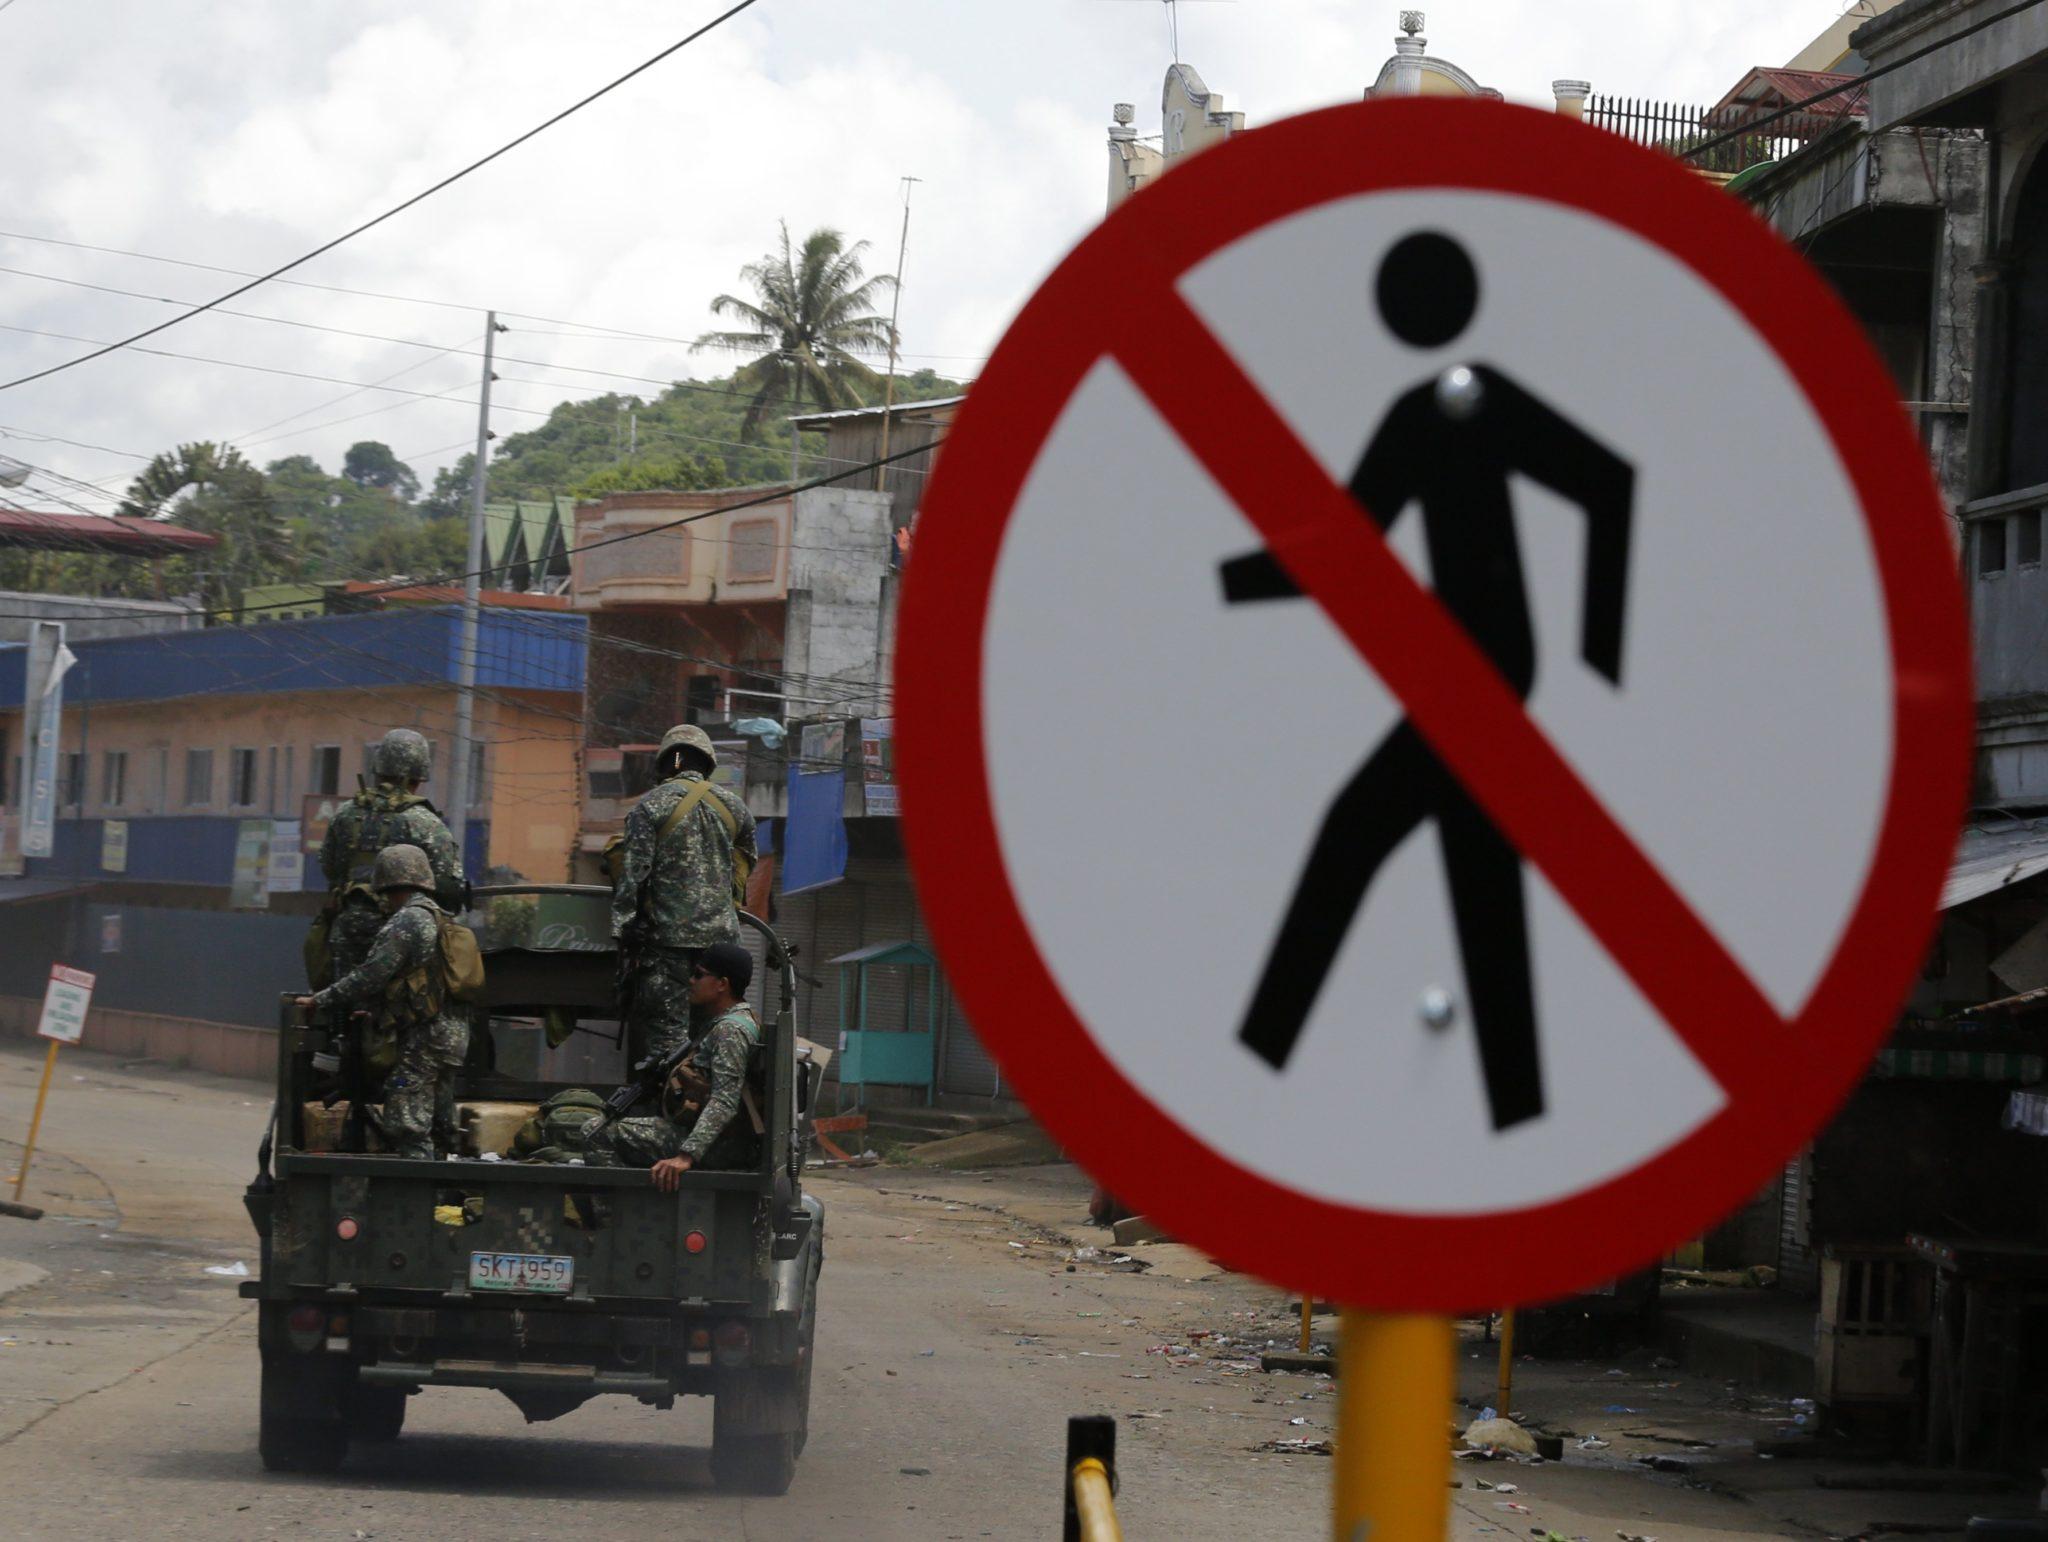 Wewnętrzne zamieszki w Marawi na Filipinach, pomiędzy silami rządowymi a bojownikami tzw. Państwa Islamskiego